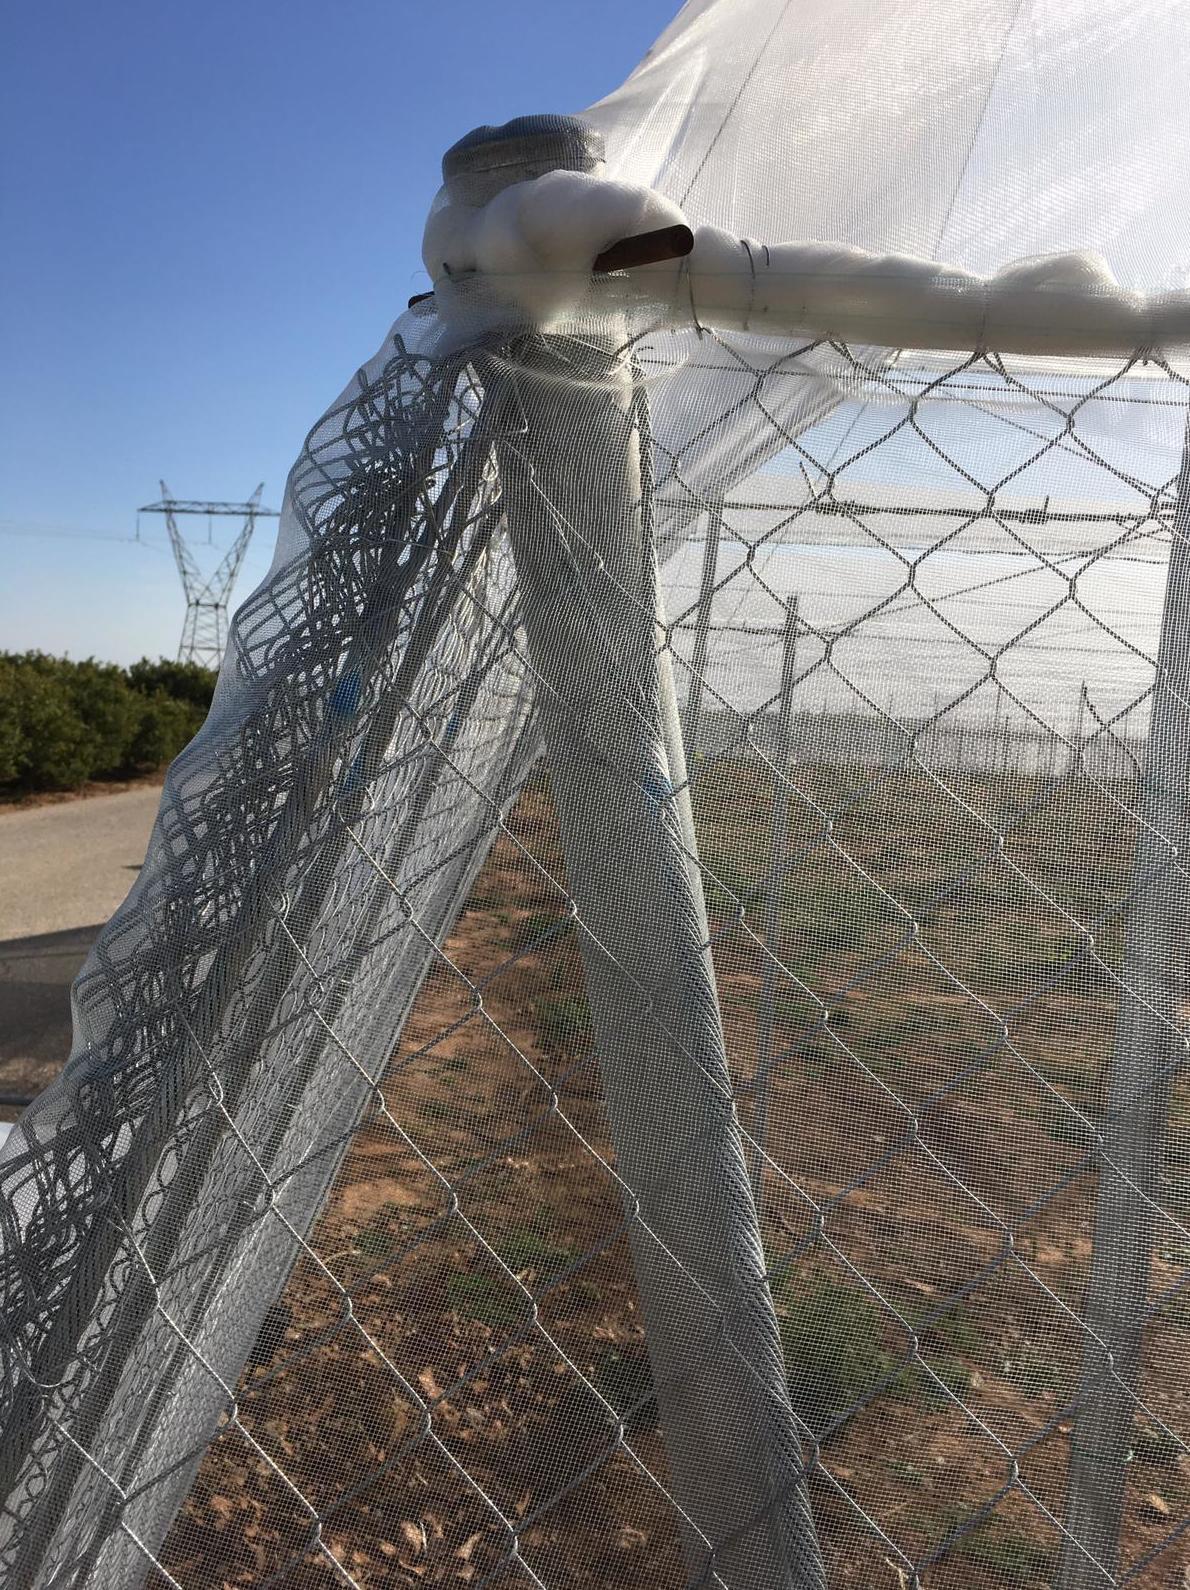 Foto 21 de Infraestructuras y trabajos agrícolas en La Murada – Orihuela | Mantenimiento y Estructuras Agrícolas Mateo e Hijo, S.L.